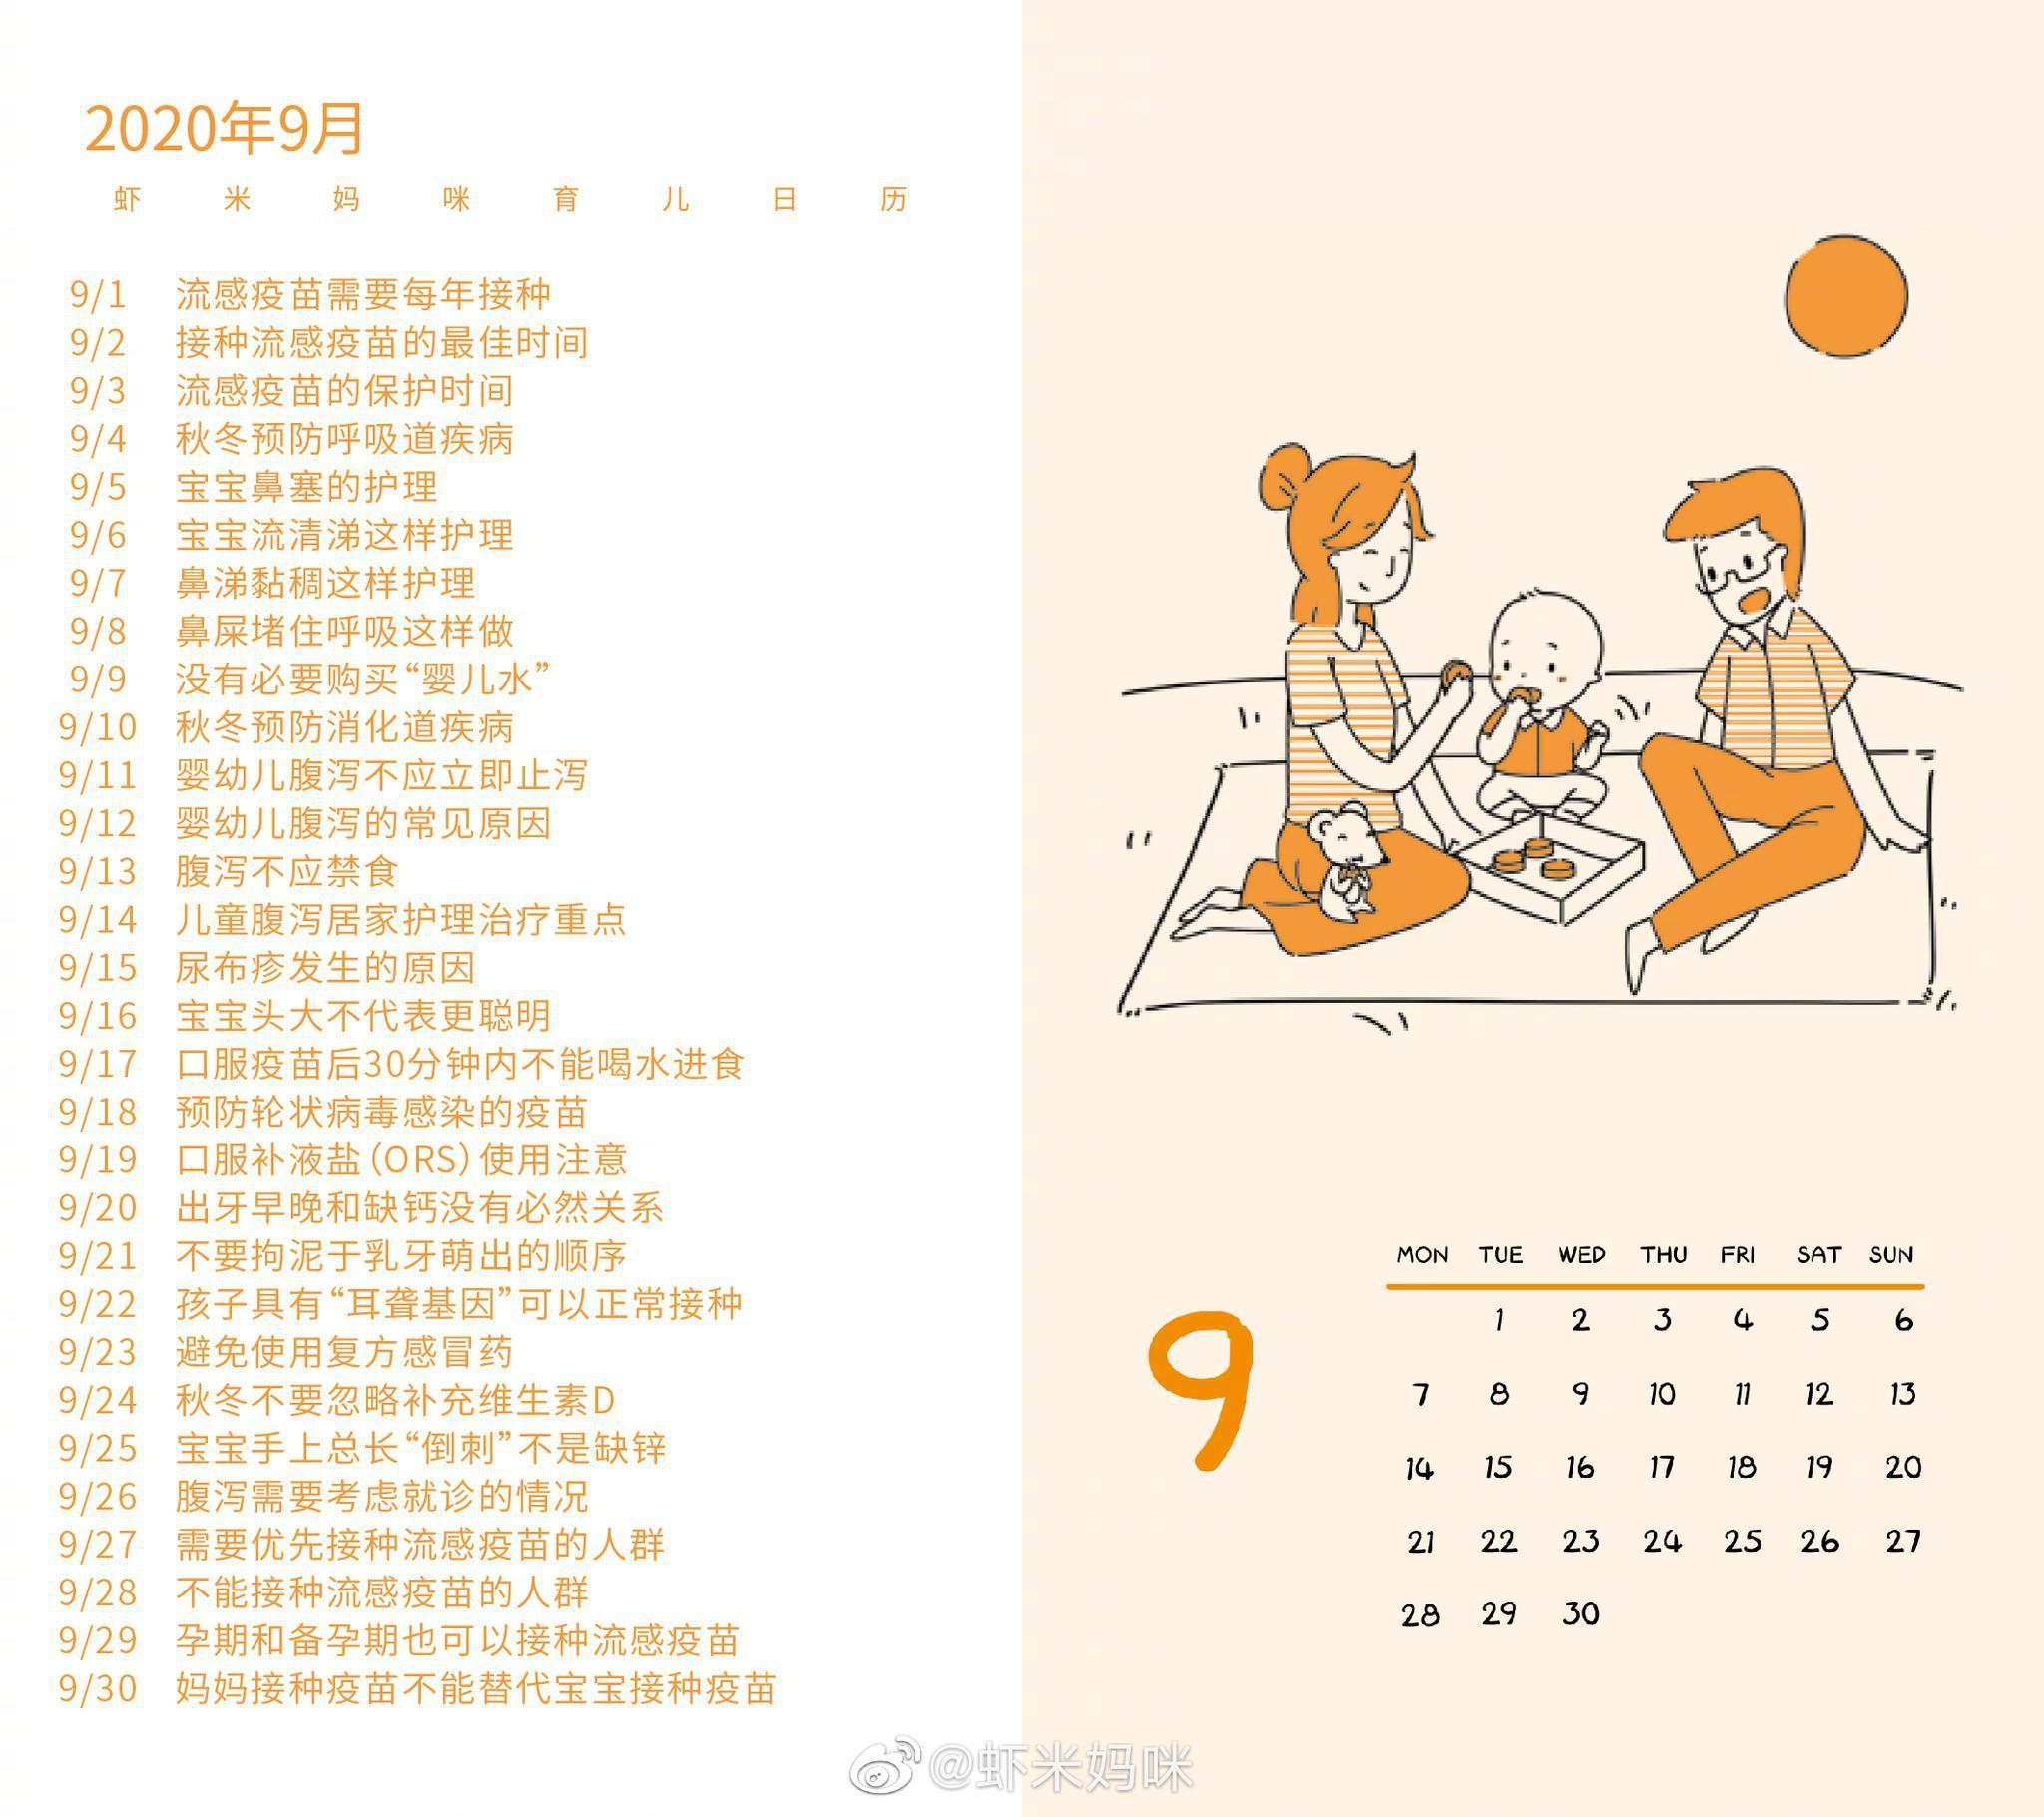 本周分享《2020虾米妈咪育儿日历》9月28日——10月4日